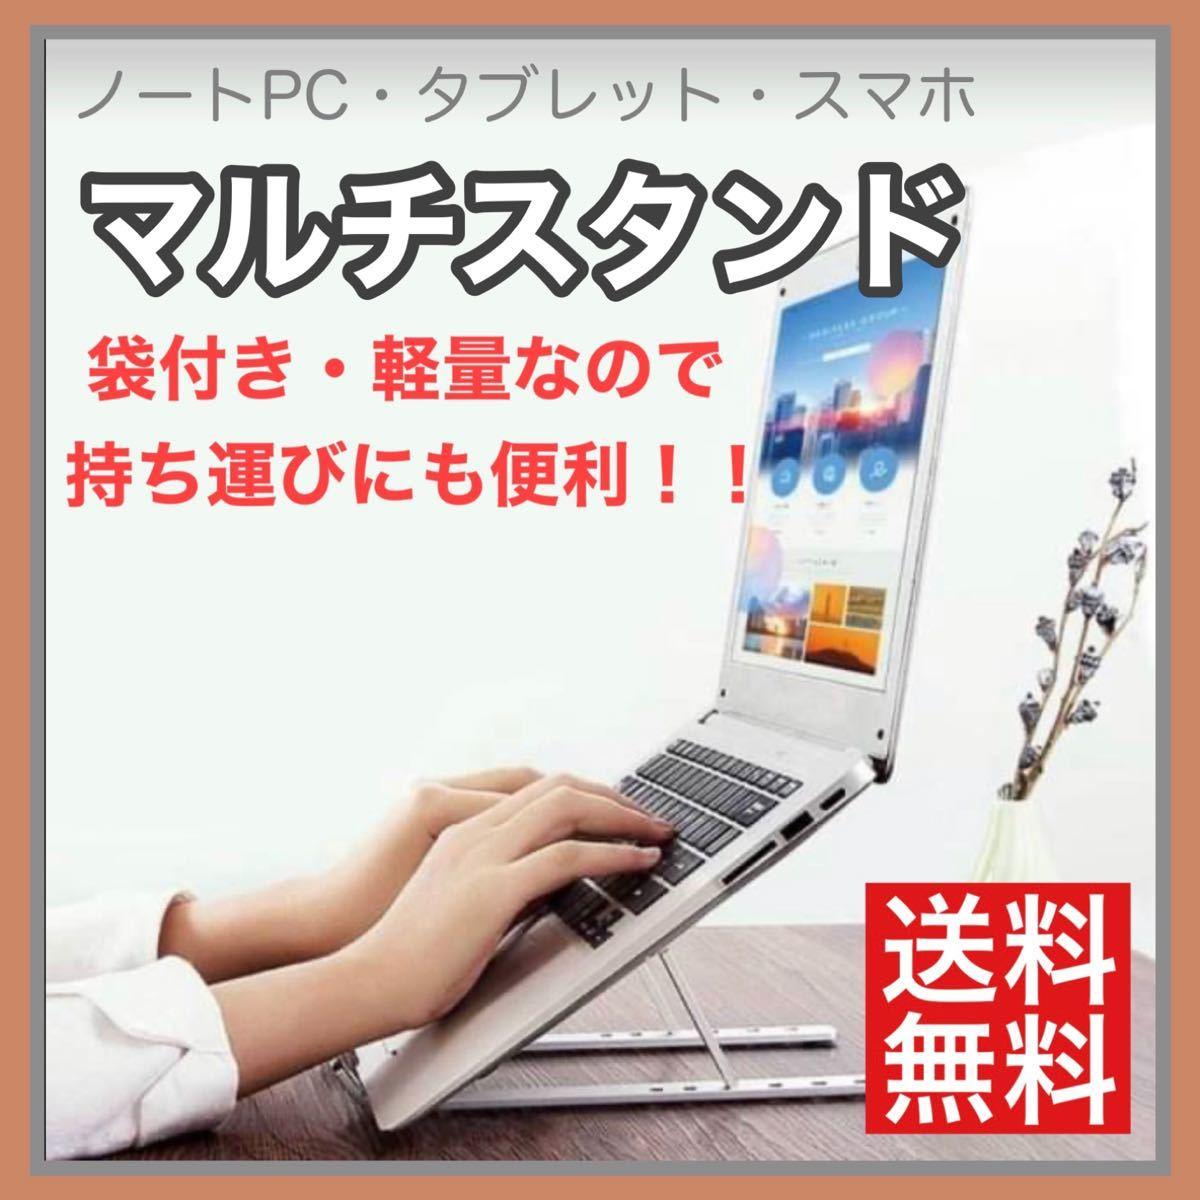 【新品・袋付き】パソコン  スマホ タブレット ノートパソコン スタンド  オンライン 便利 調整 軽量 安定 中空設計